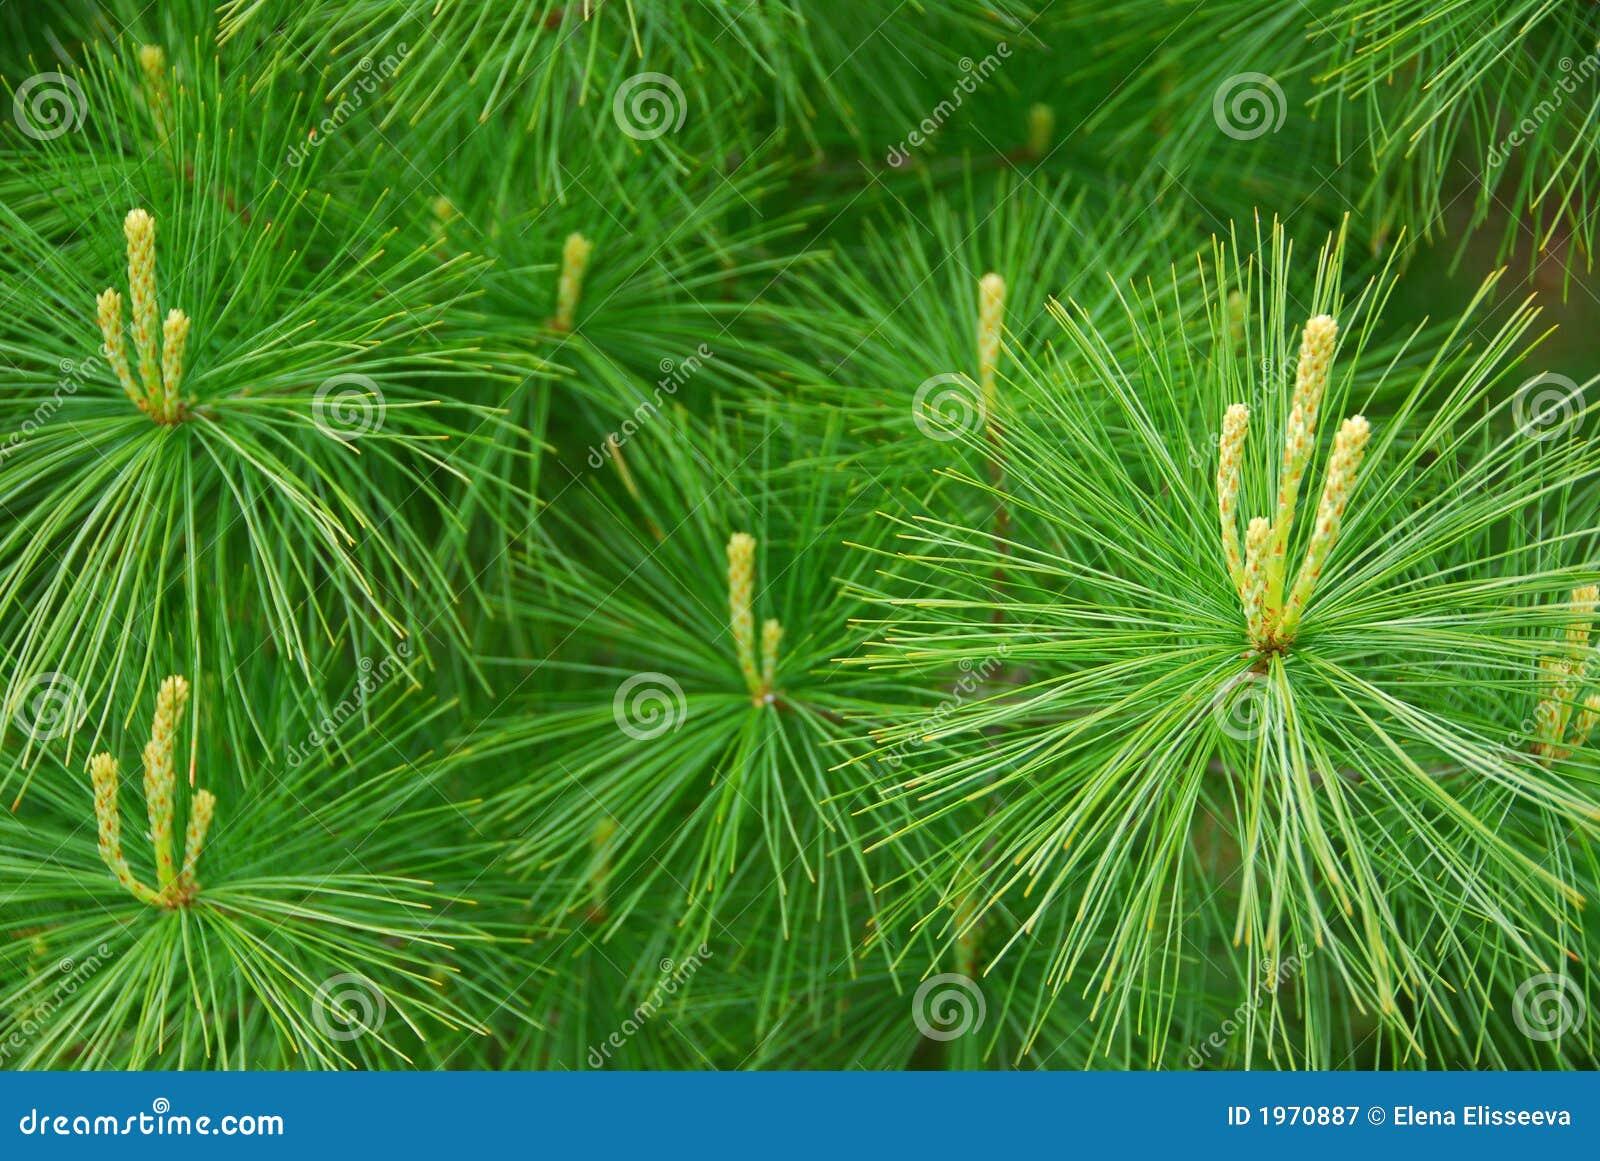 De naalden van de pijnboom